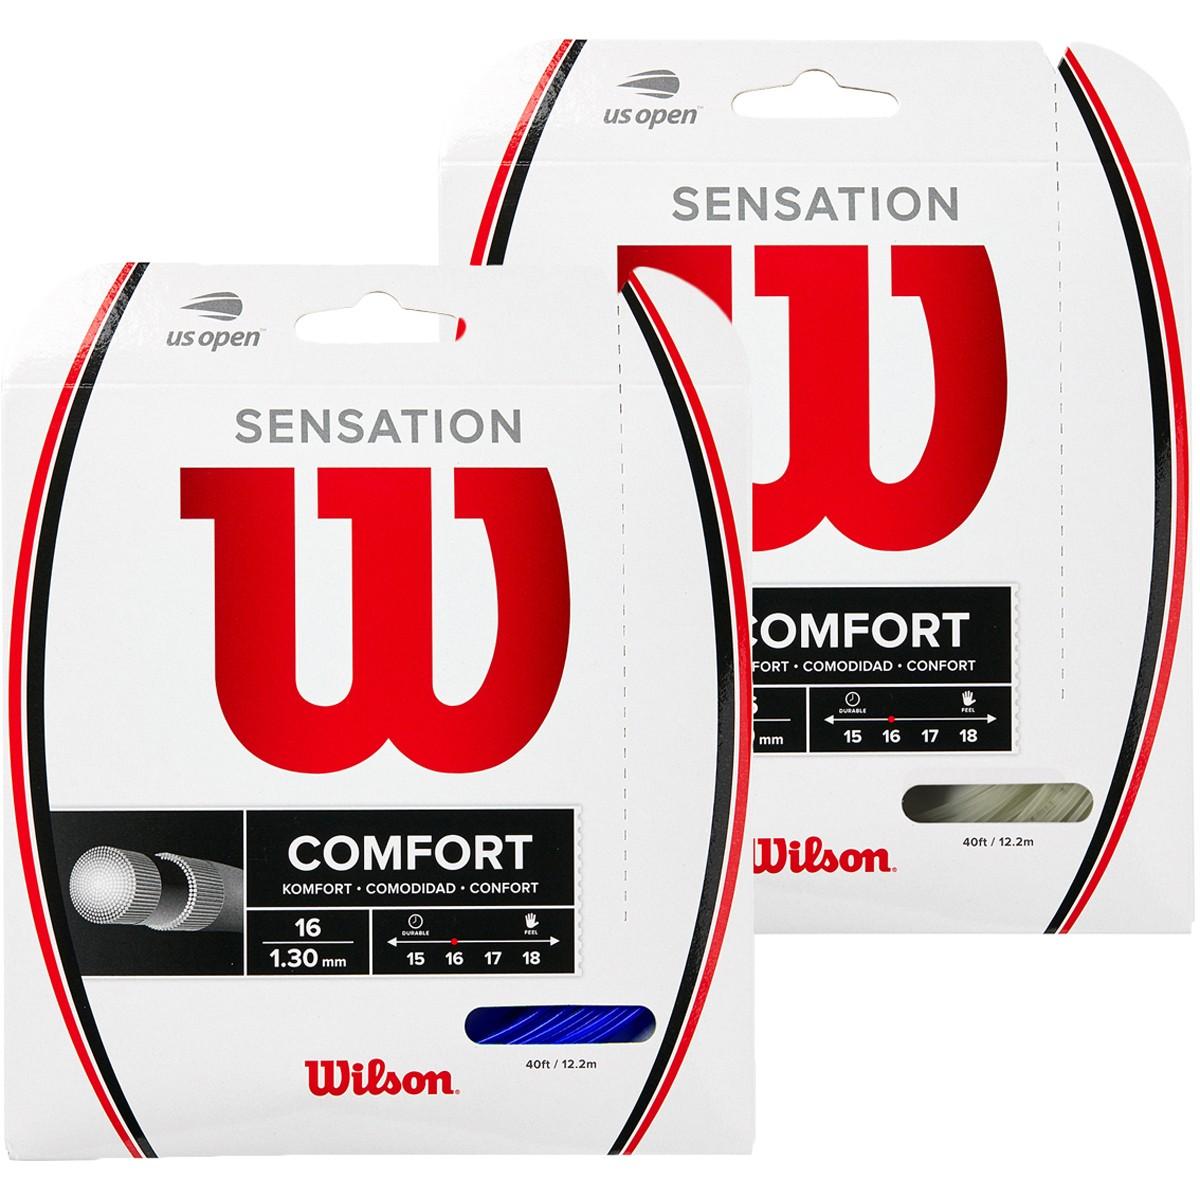 CORDAGE WILSON SENSATION COMFORT (12.20 METRES)